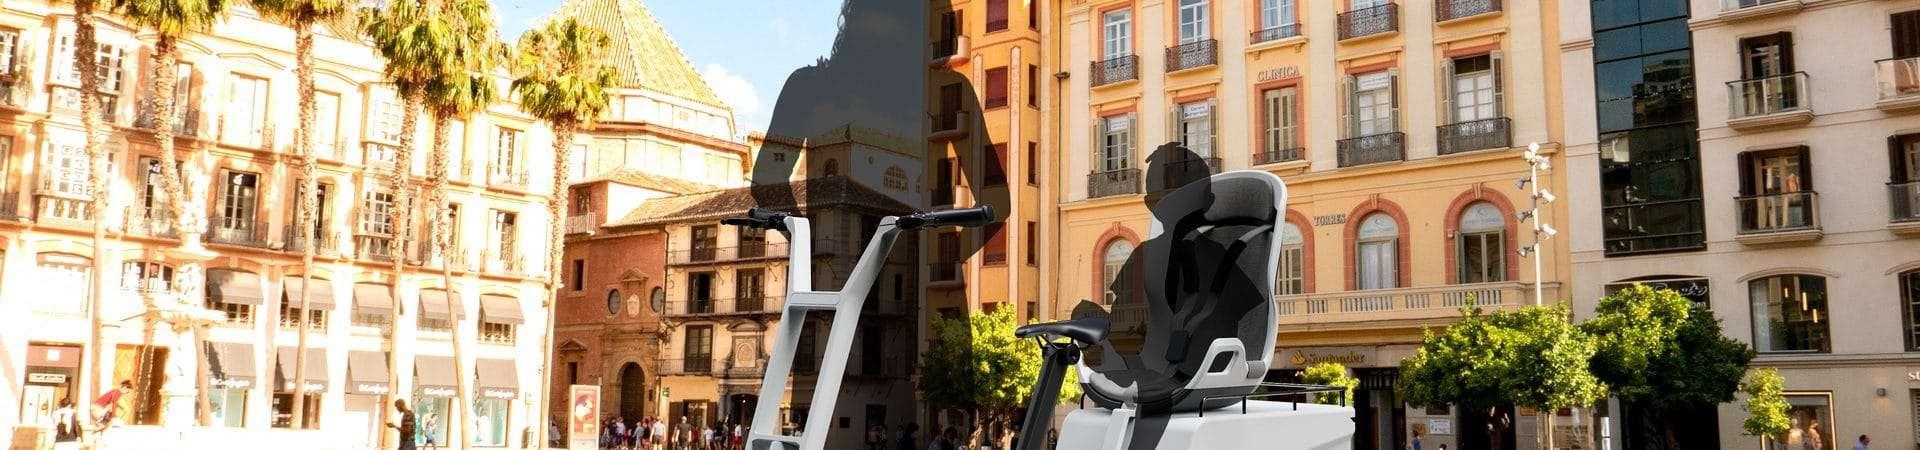 """BMW apresenta patinete e triciclo elétrico como """"soluções para o transporte urbano""""BMW apresenta patinete e triciclo elétrico como """"soluções para o transporte urbano"""""""